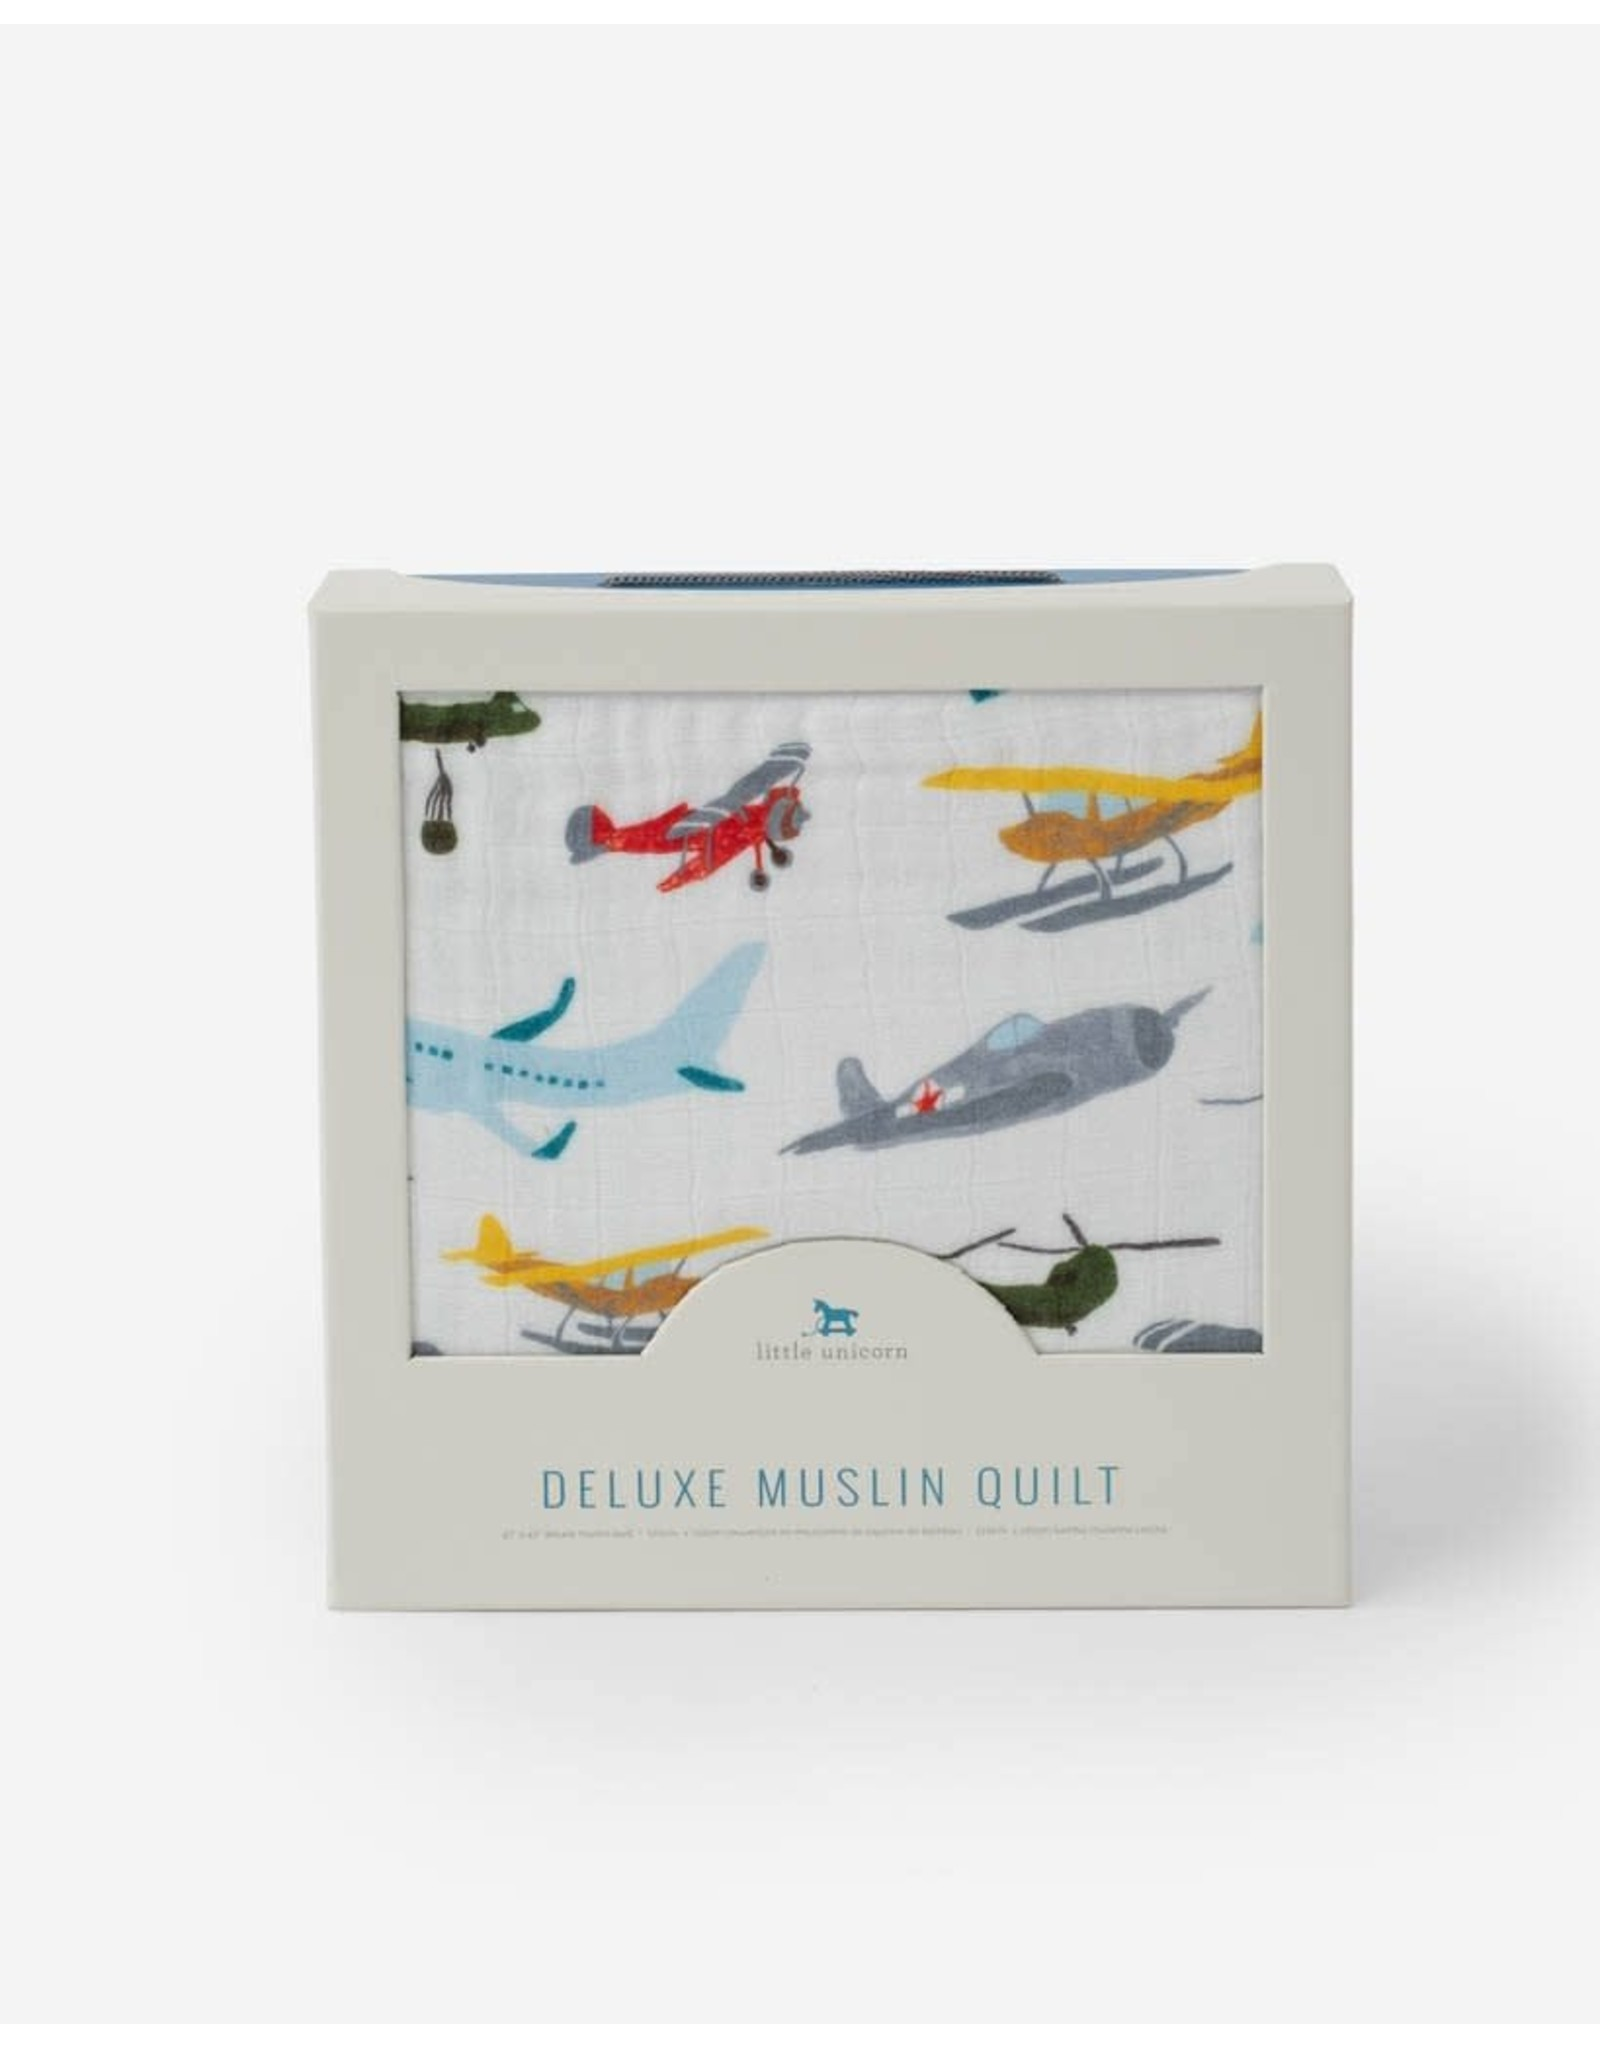 Little Unicorn, LLC Deluxe Muslin Baby Quilt, Air Show